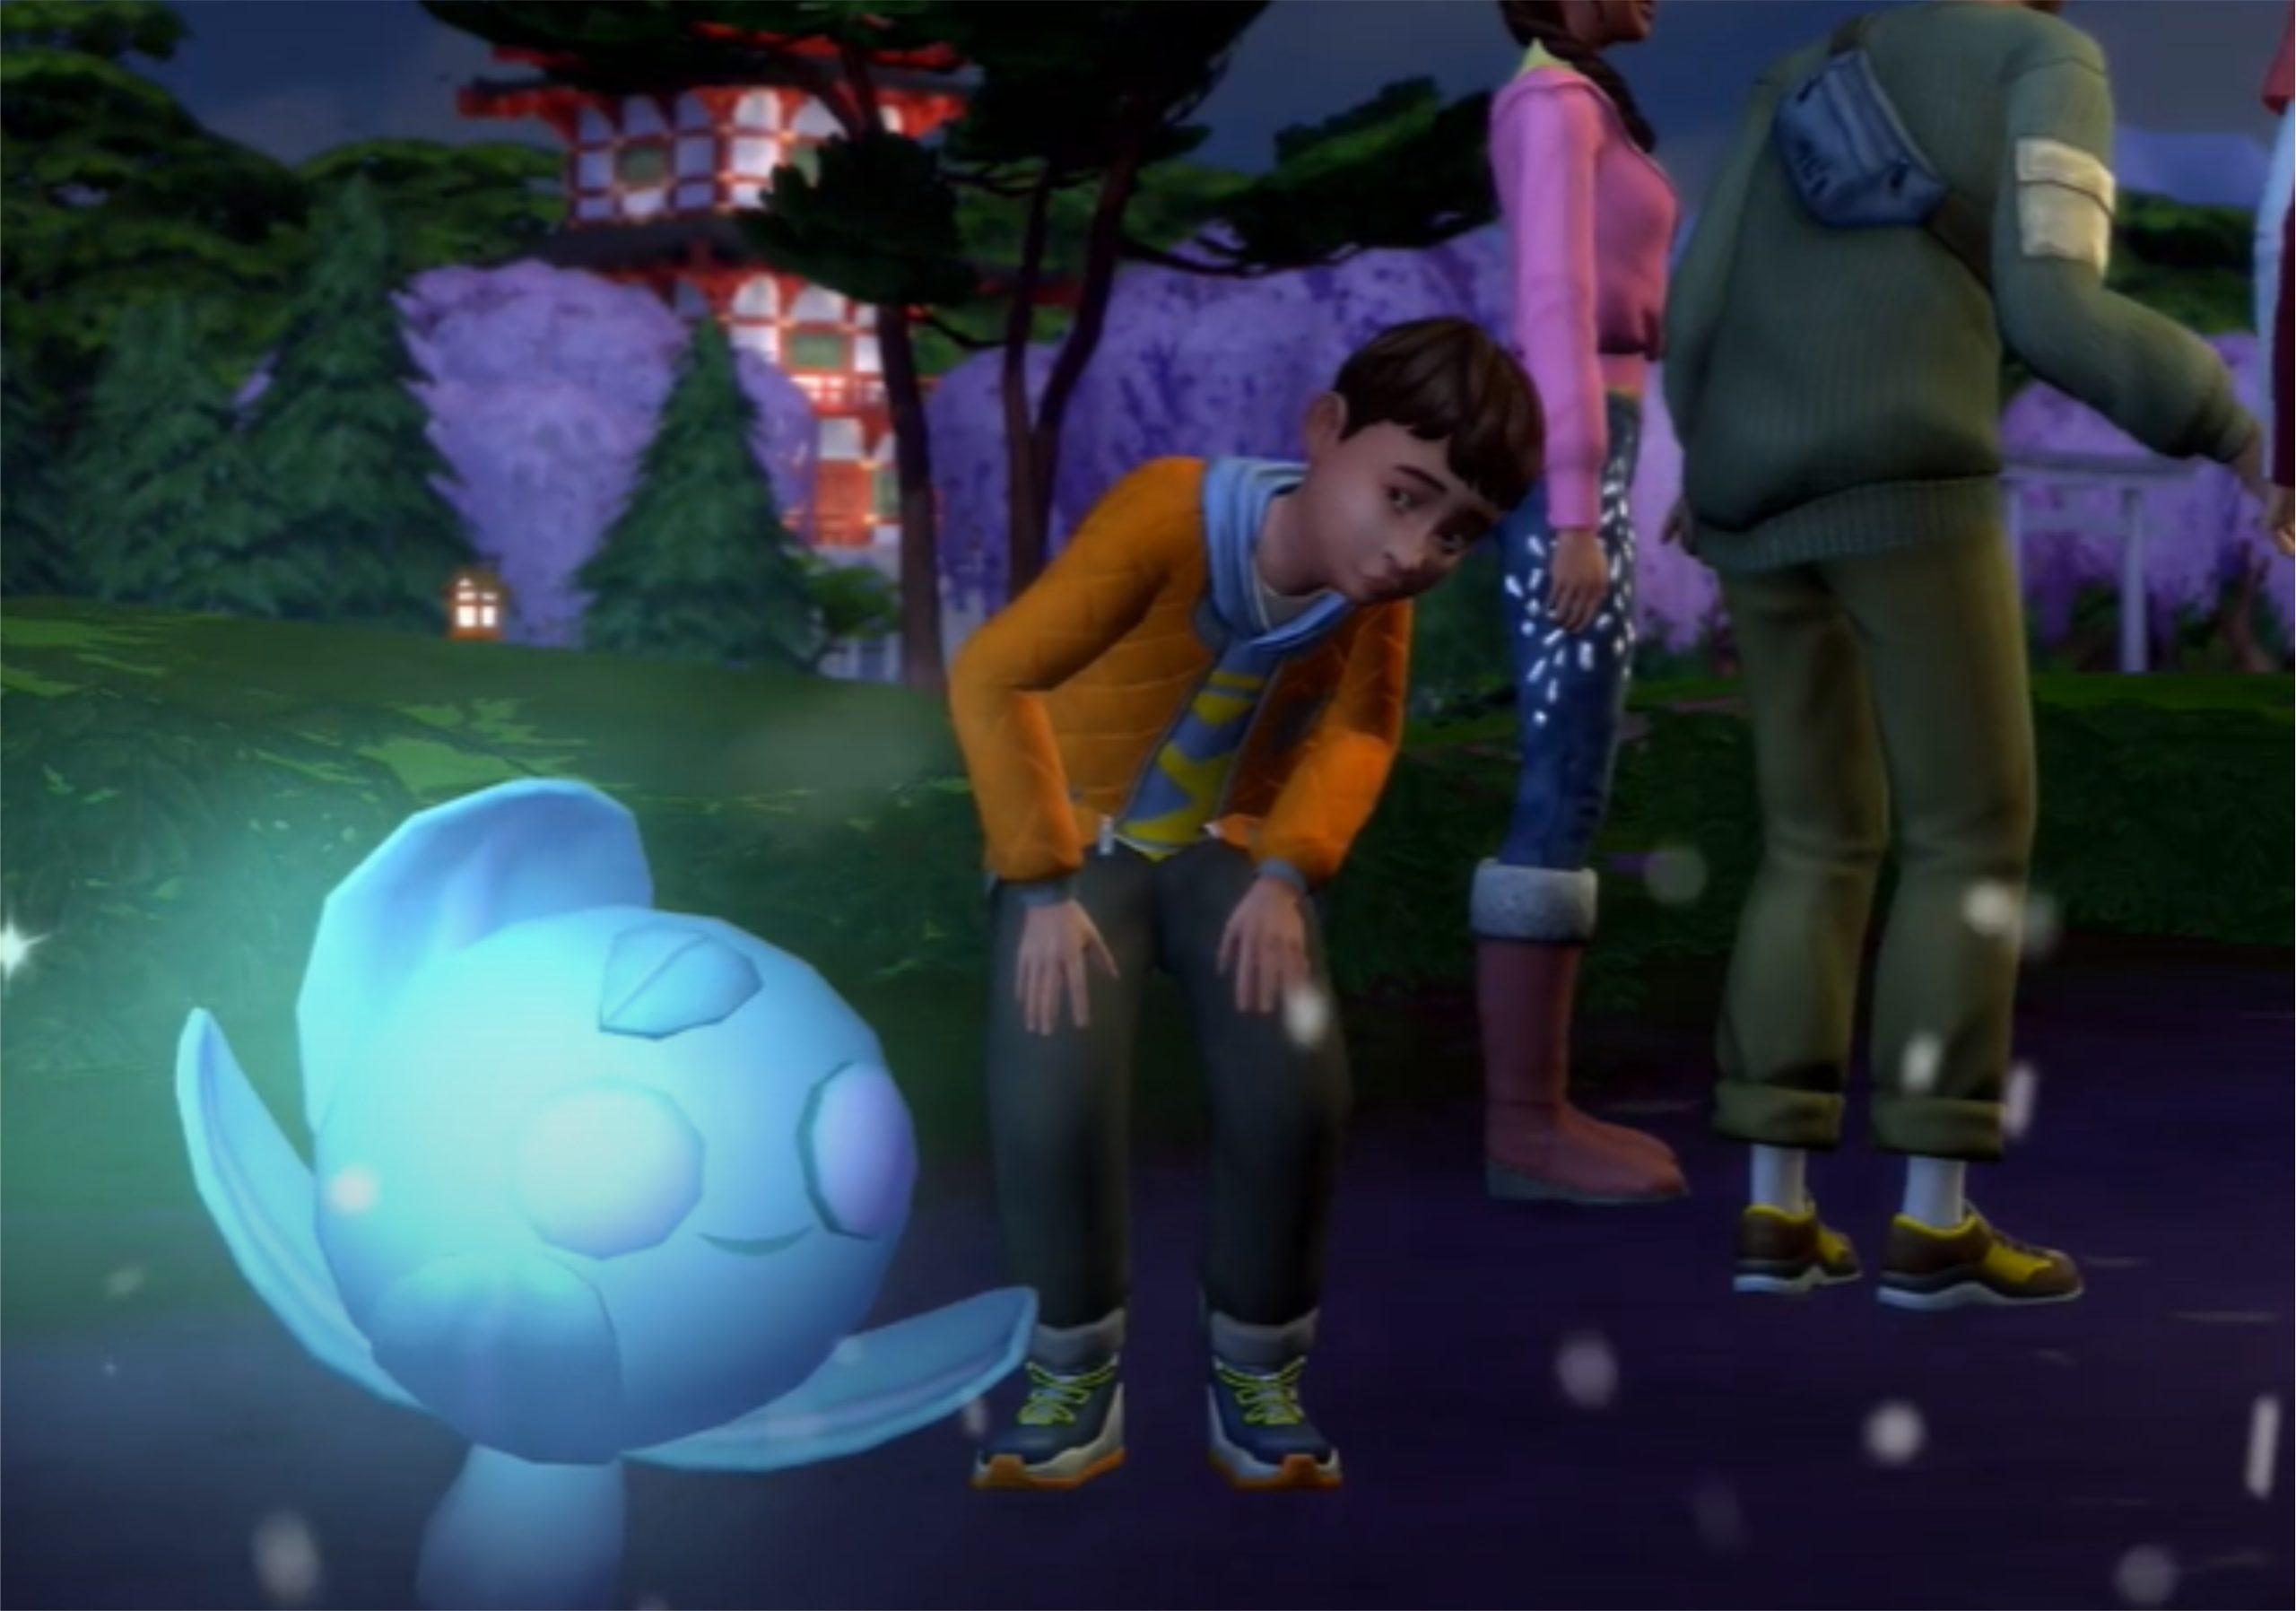 Sims 4: Escapada en la Nieve